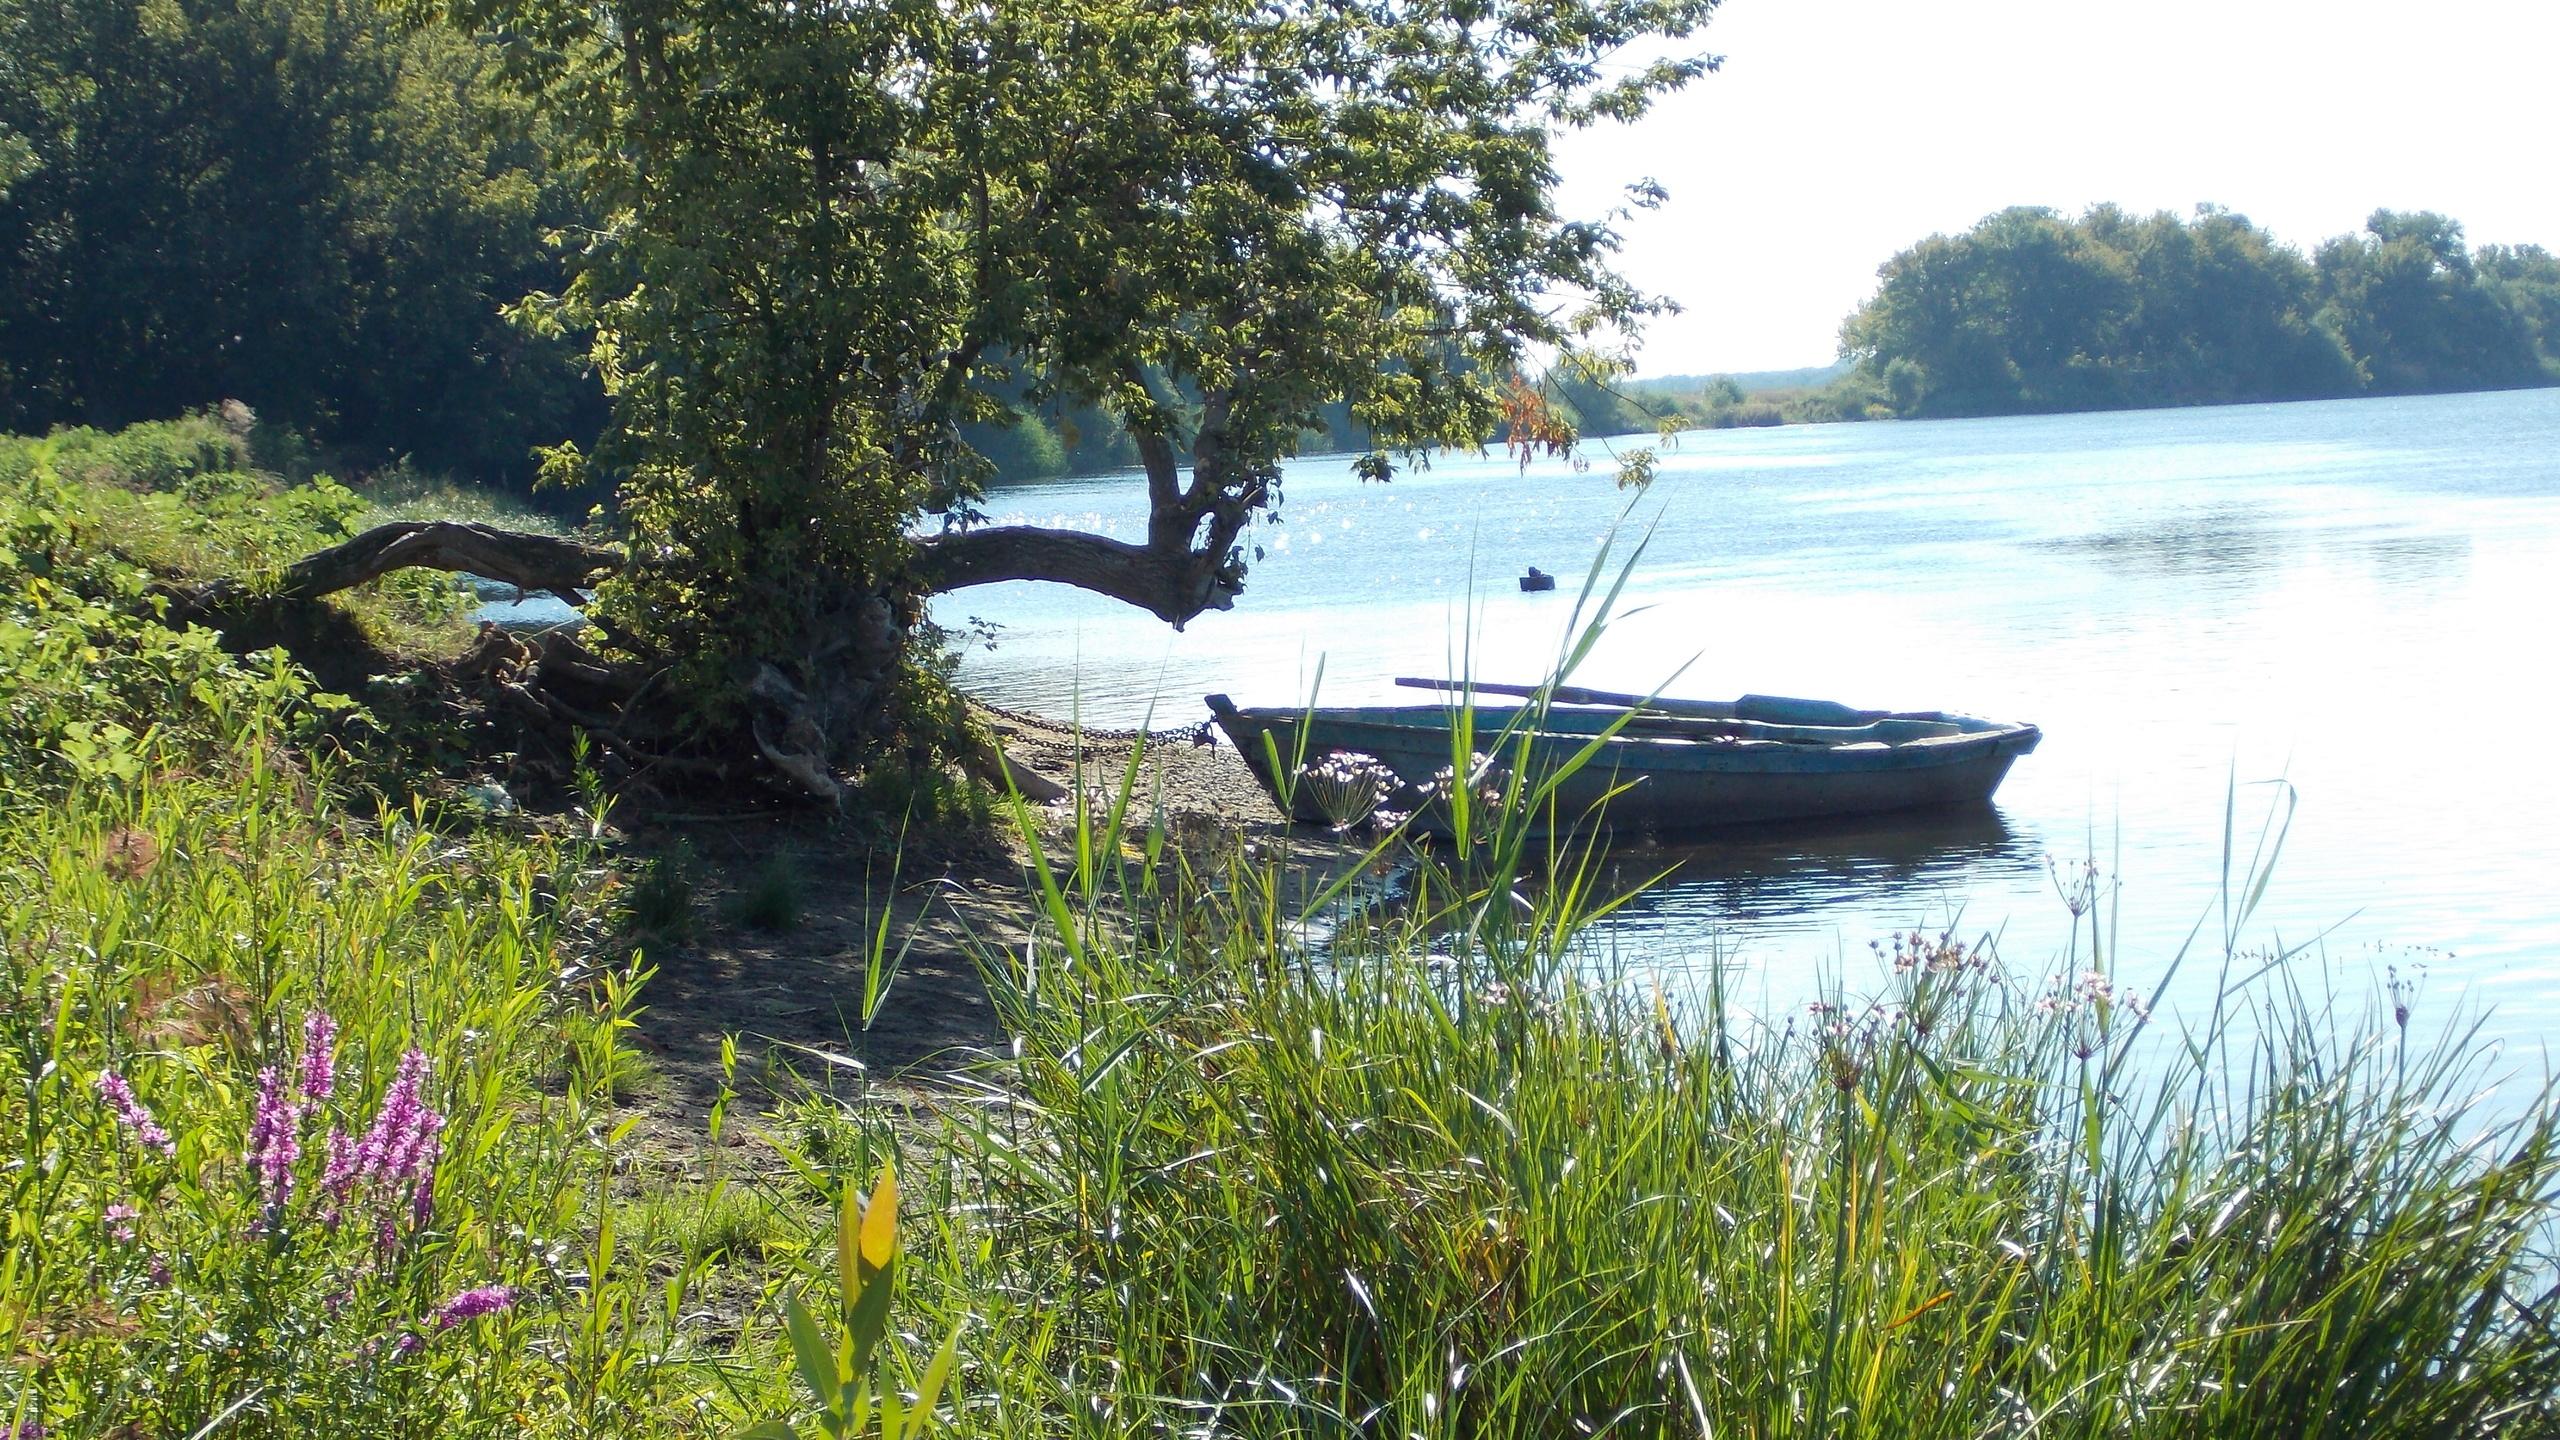 около берега стоит лодка